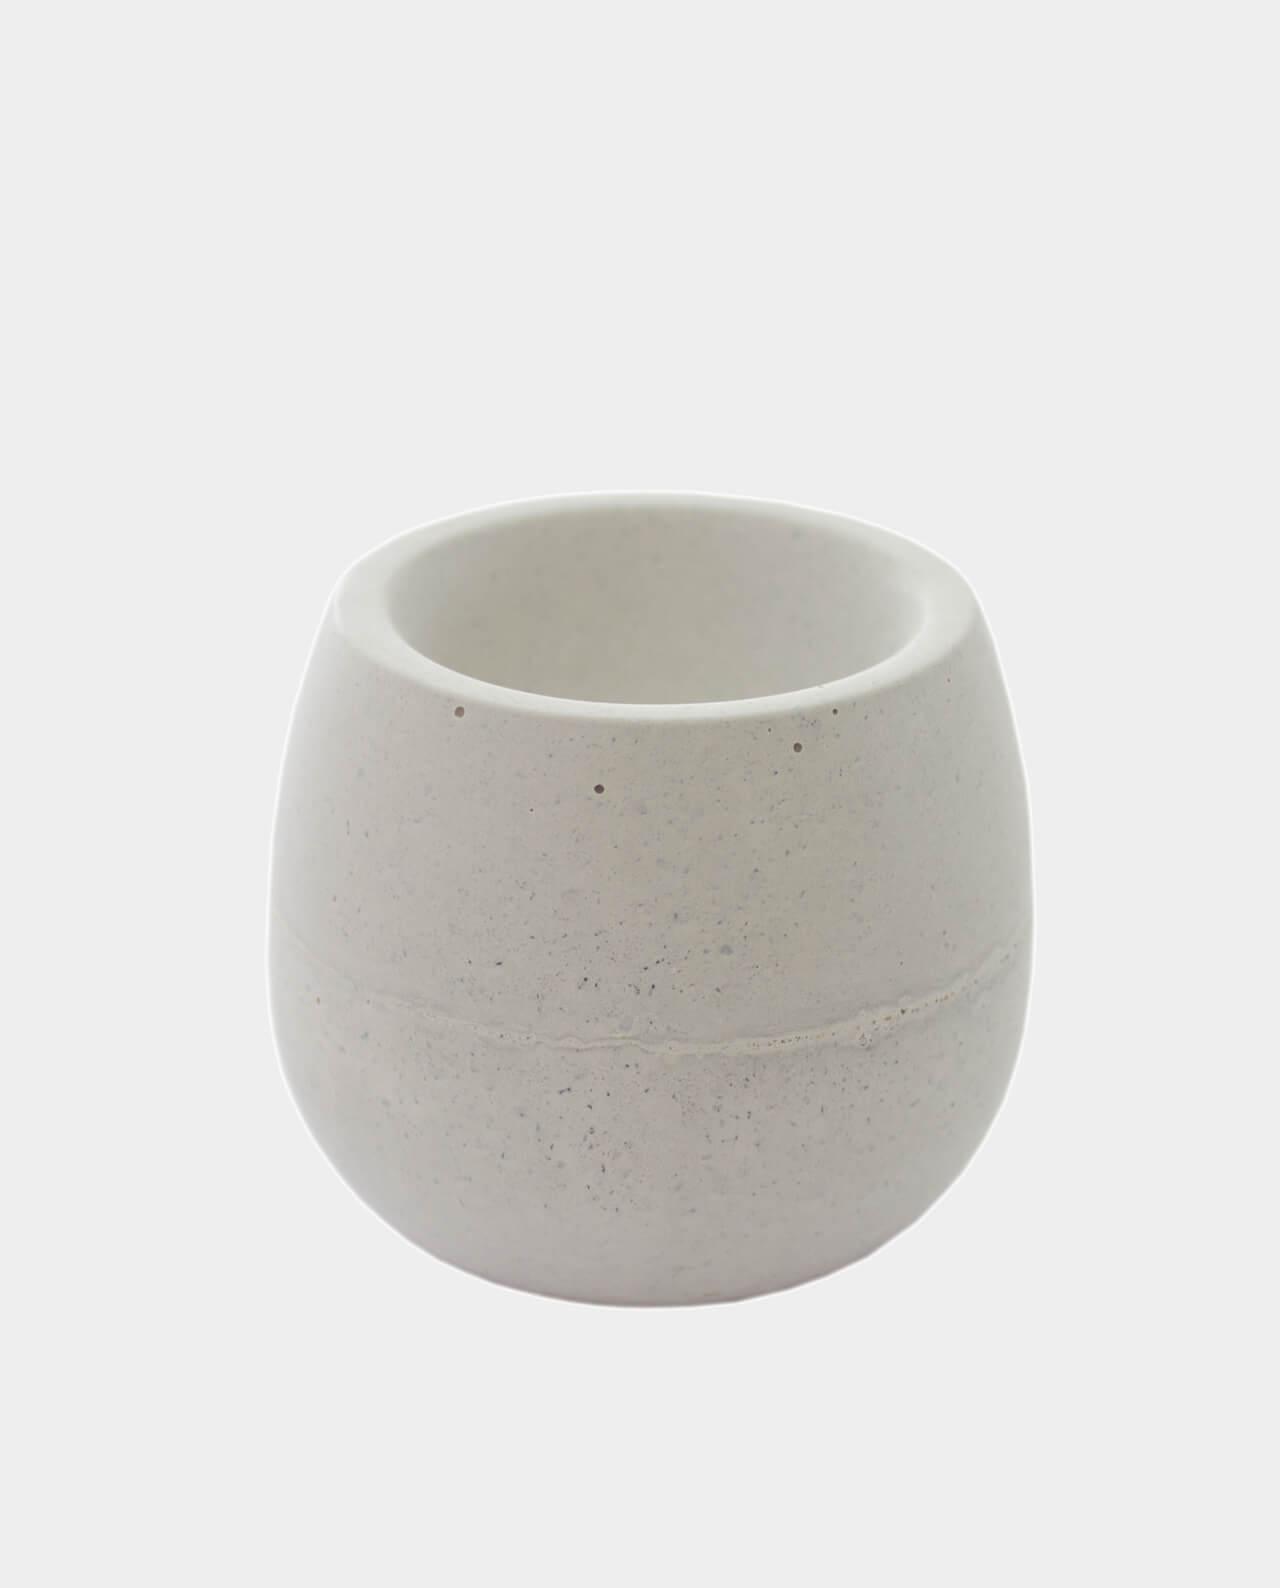 Eierbecher Beton beton eierbecher cupula möbel deko für dein zuhause satamo